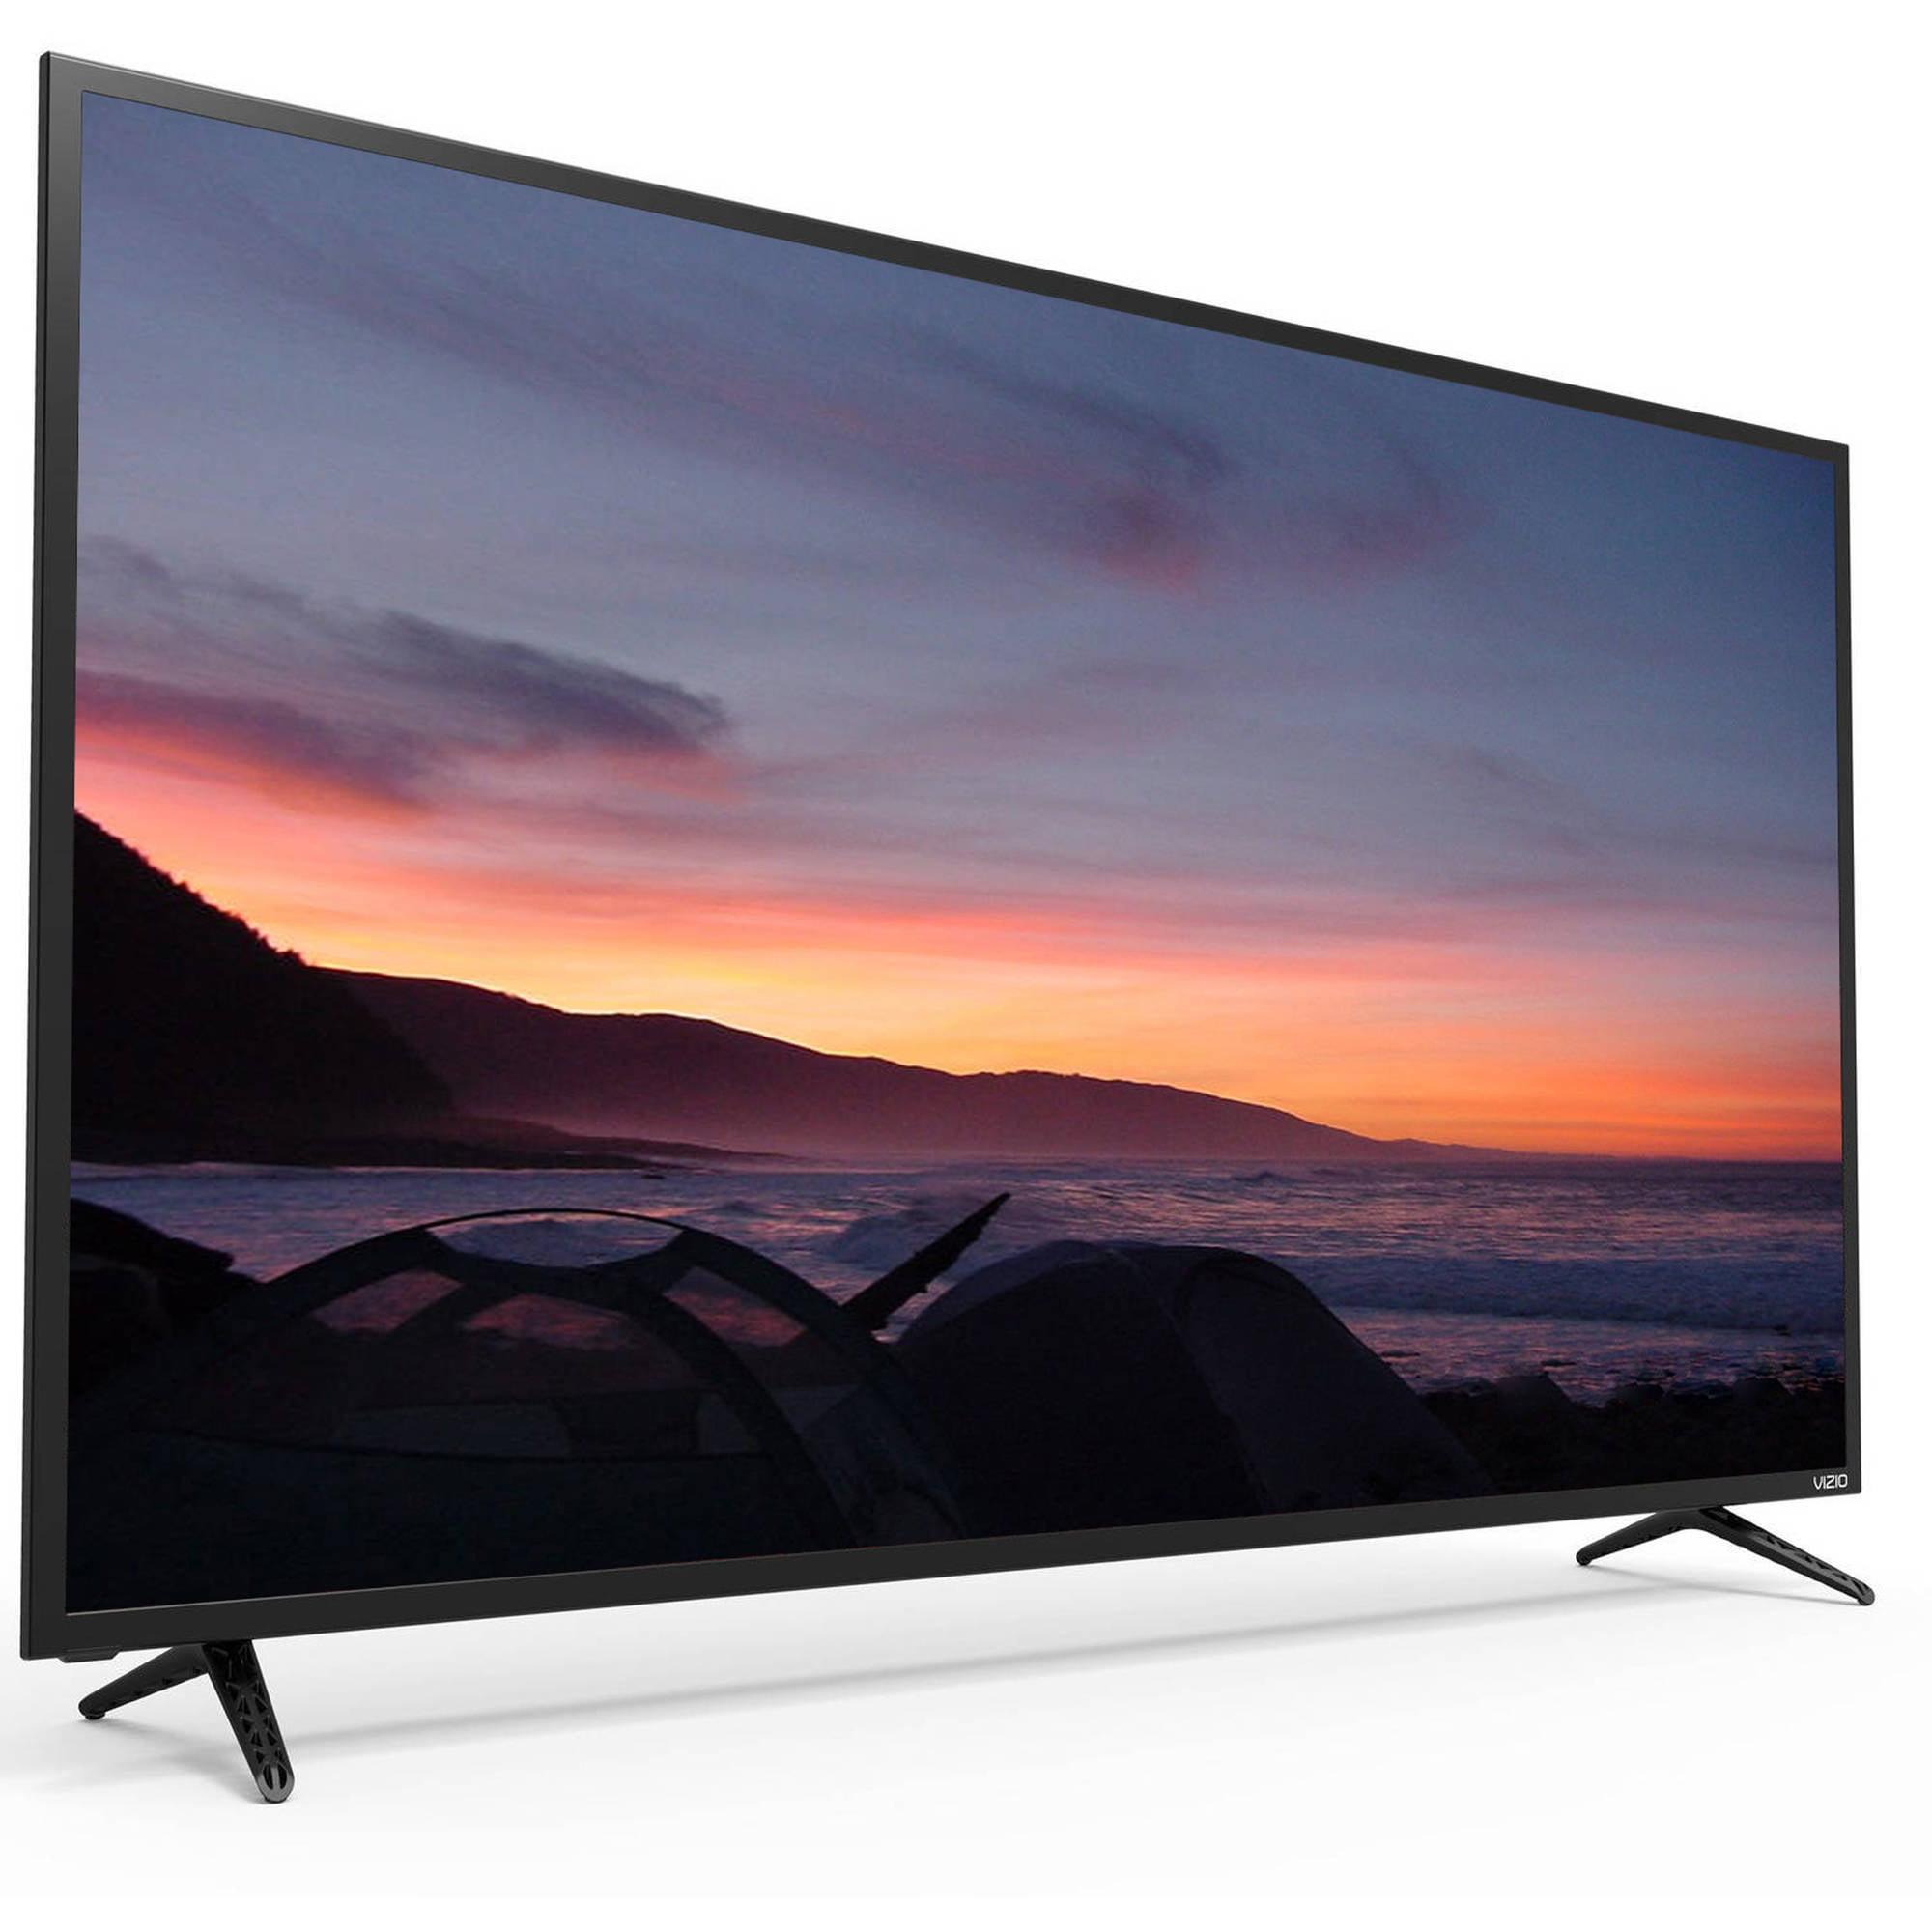 Refurbished VIZIO SmartCast 55 Class E - Series  -  4K Ultra HD, Smart, LED Home Theater Display  -  2160p, 120Hz (E55 - E1)